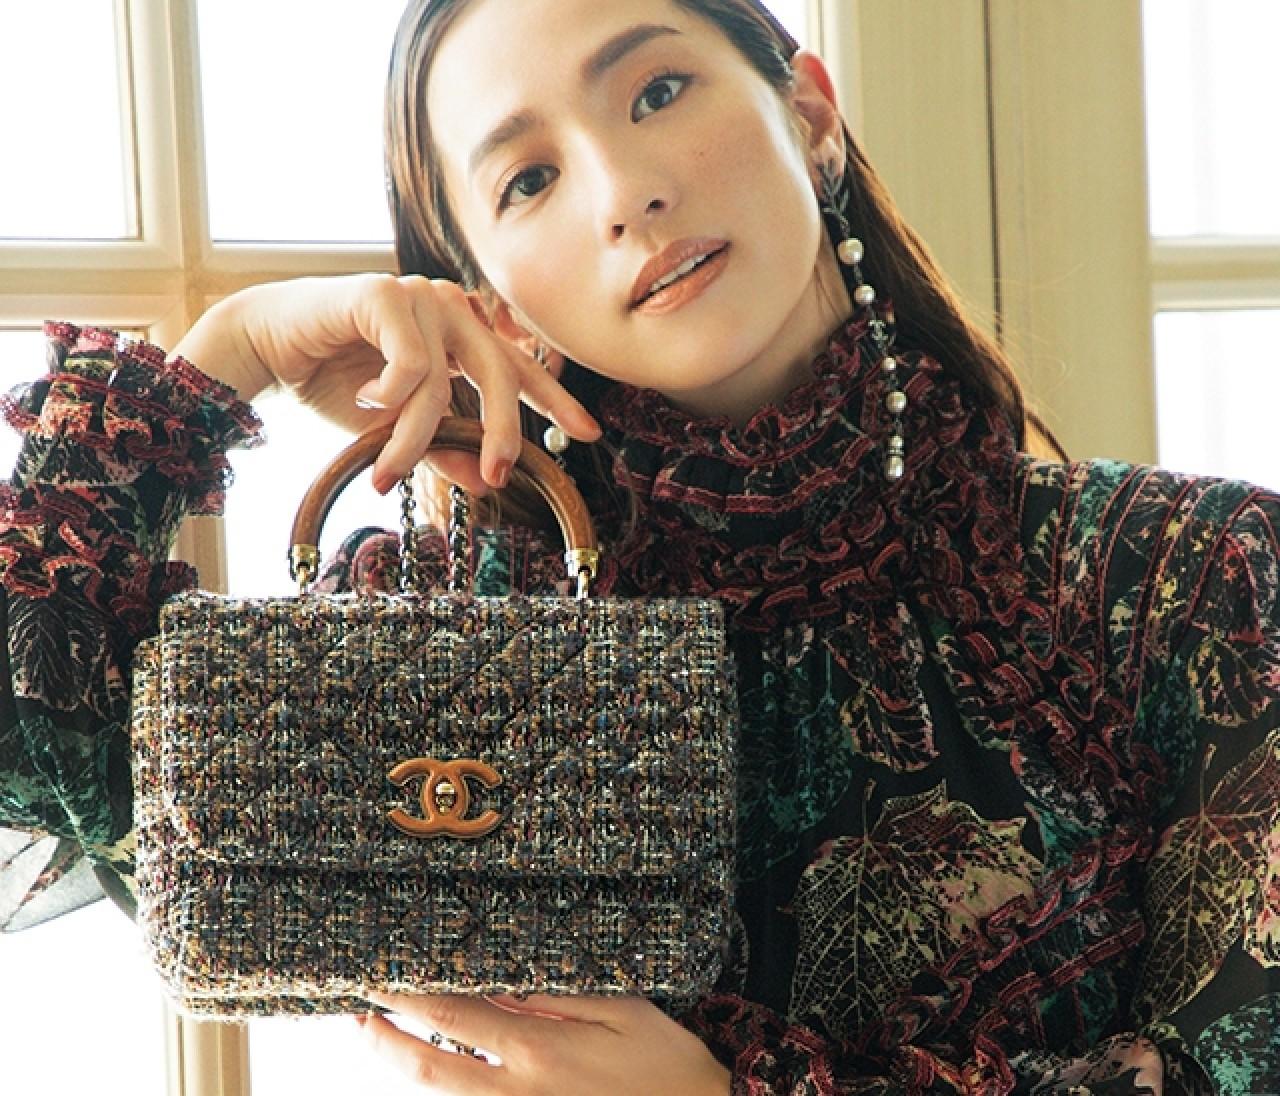 【シャネルのバッグ&財布まとめ】30代女性が今持つべきトップブランド・シャネルのアイテム